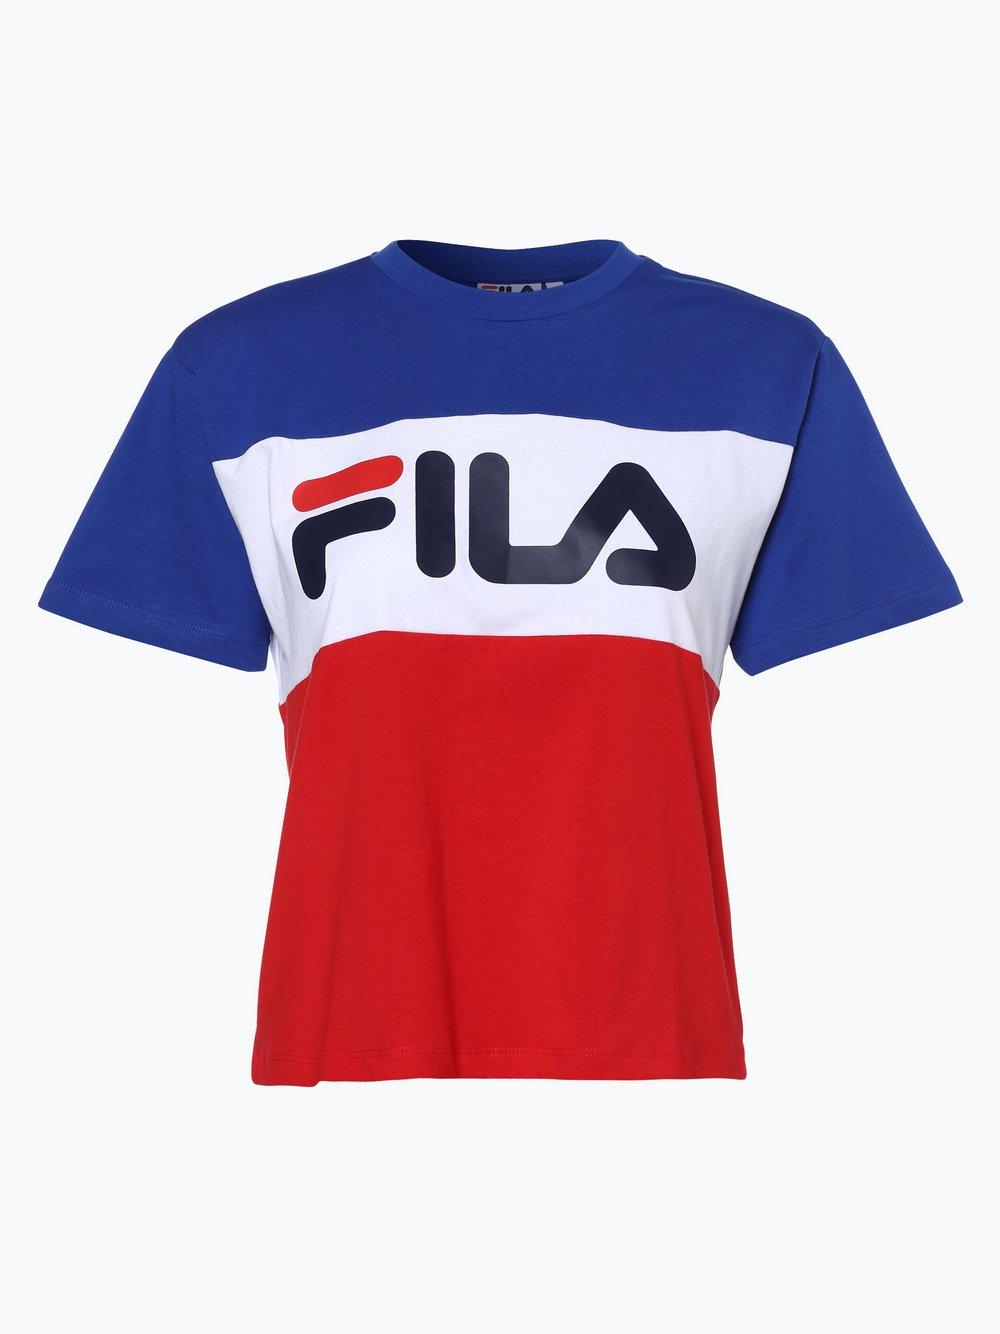 FILA Damen T-Shirt - Allison online kaufen | PEEK-UND-CLOPPENBURG.DE